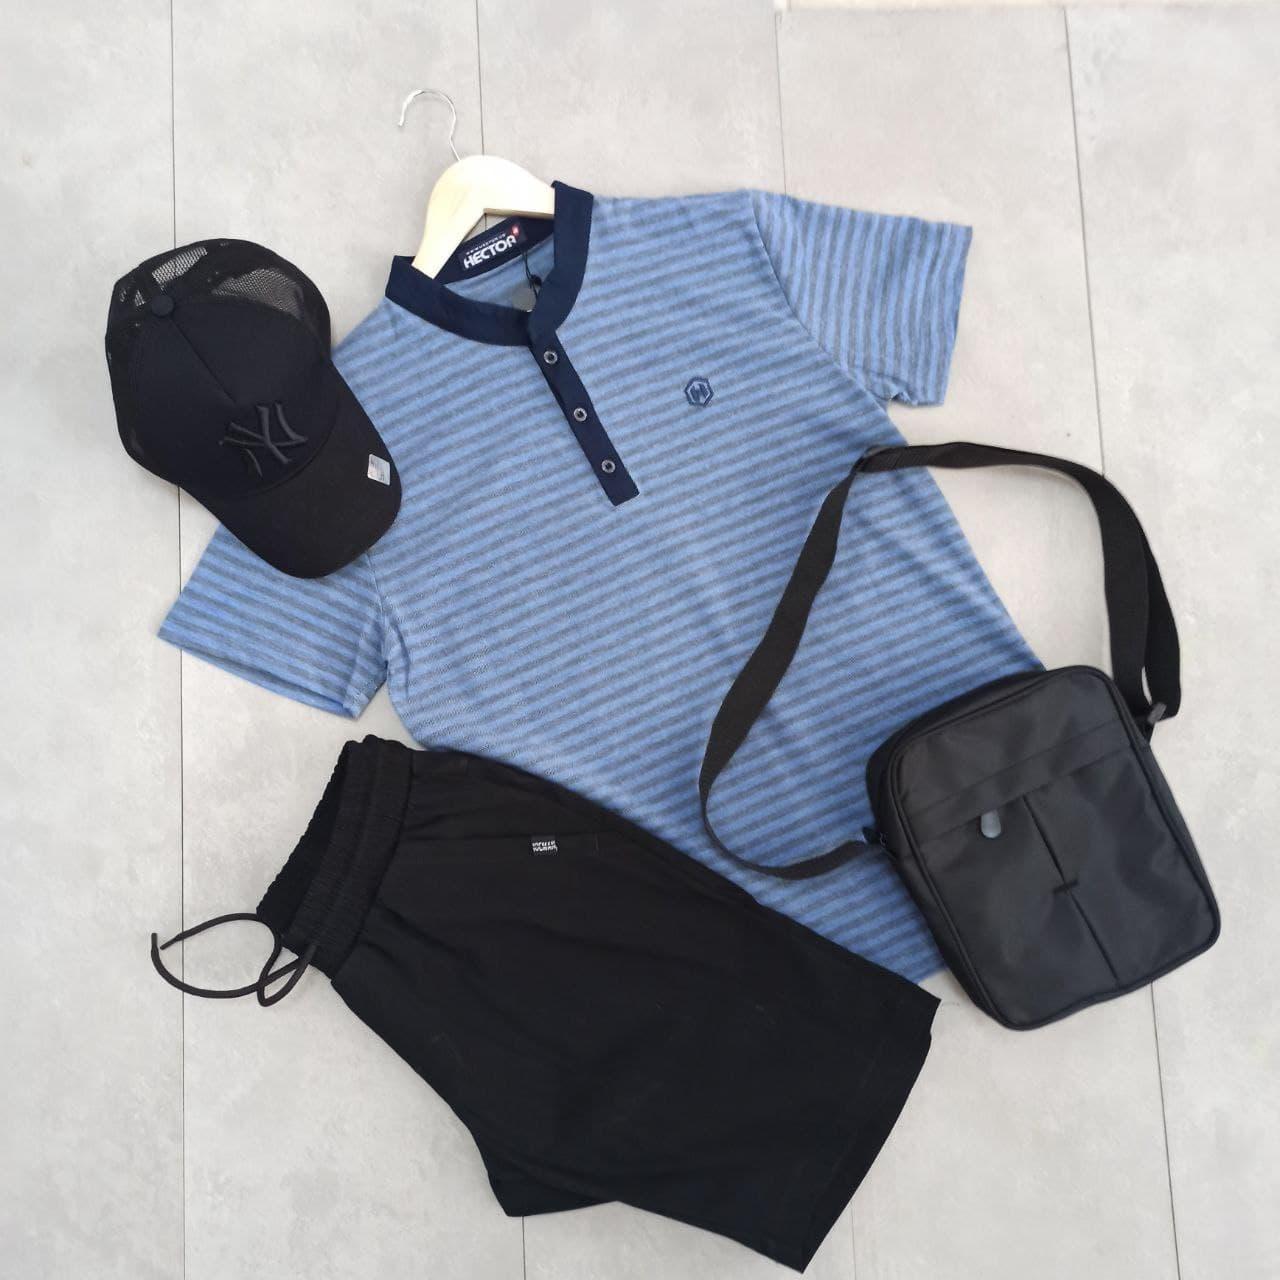 Літній чоловічий спортивний костюм прогулянковий поло чорний шорти з кепкою - барсетка в подарунок